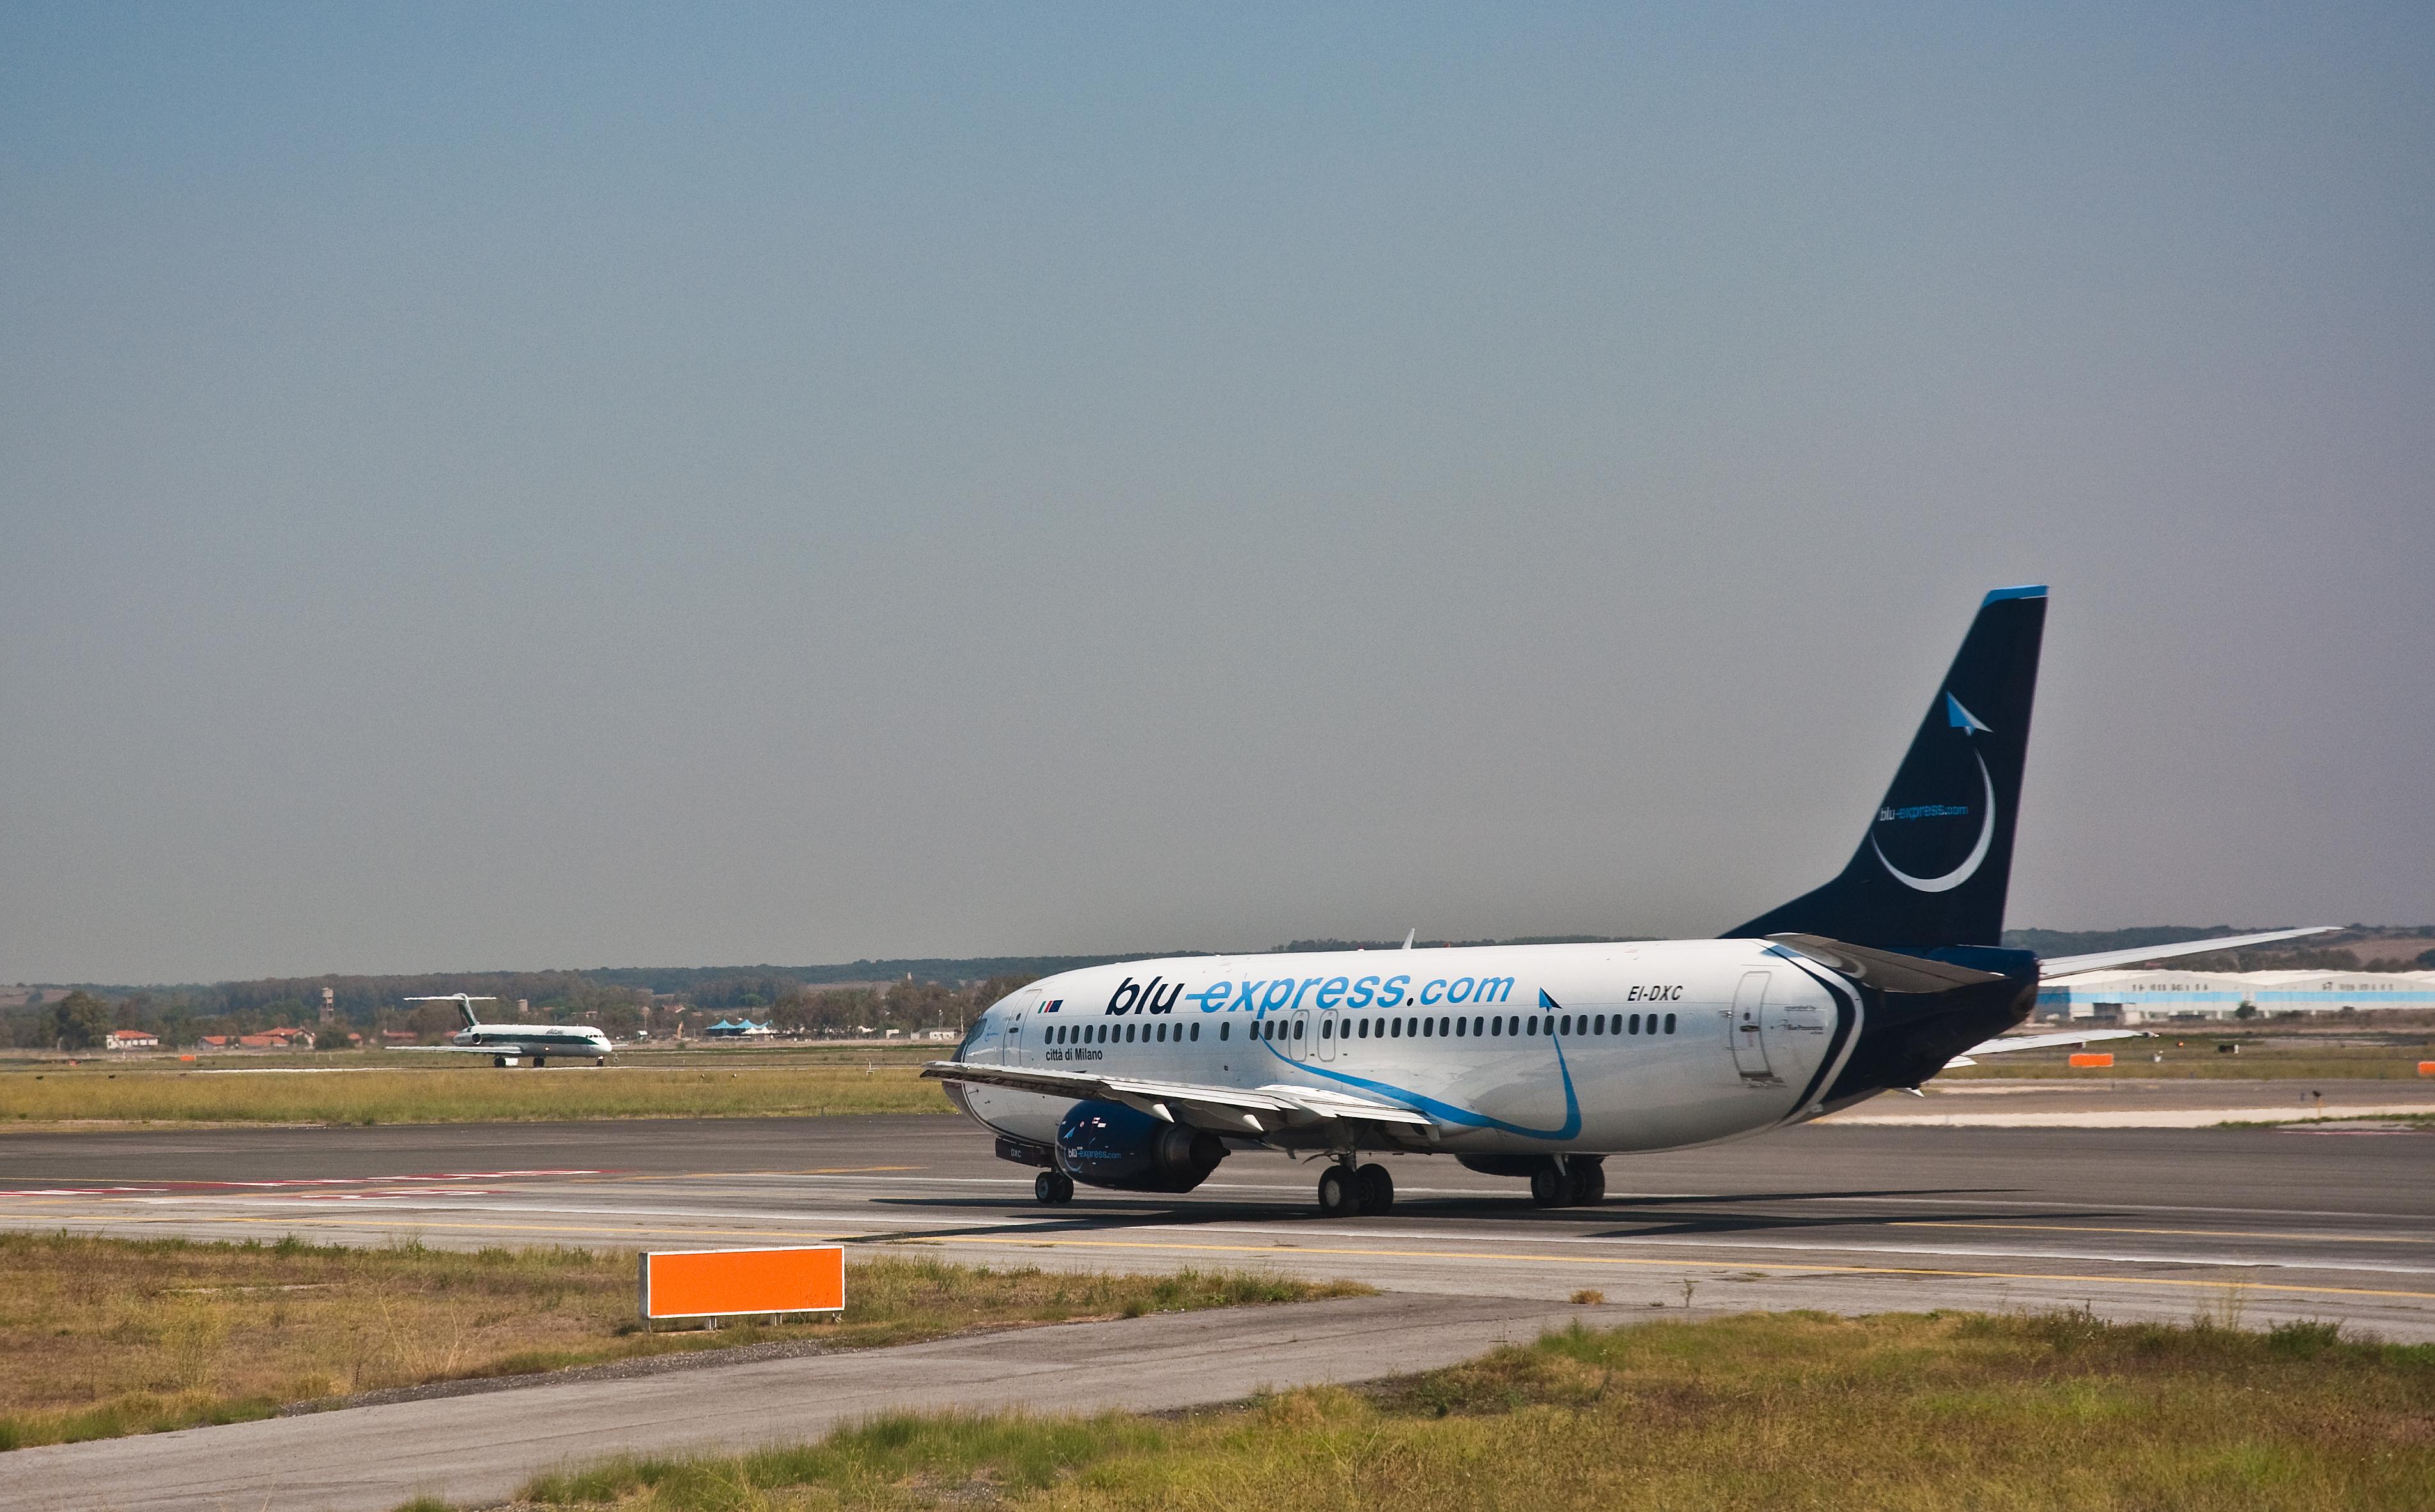 Авиакомпания Блу-Экспресс (Blu-Express). Официальный сайт.2